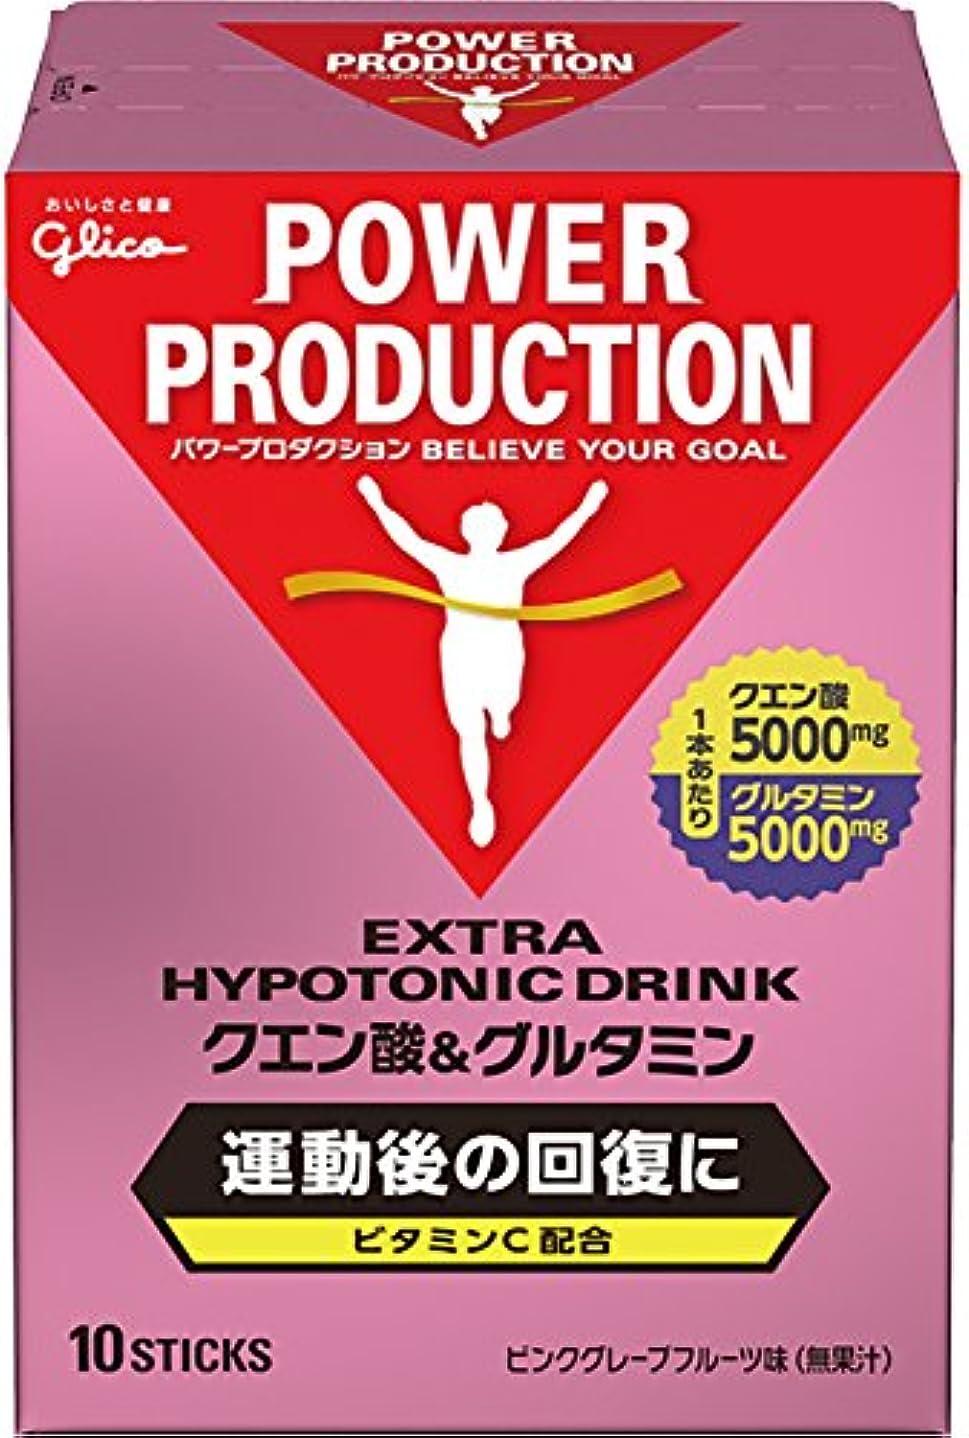 急降下オート一般化するグリコ パワープロダクション エキストラ ハイポトニックドリンク クエン酸&グルタミン ピンクグレープフルーツ味 1袋 (12.4g) 10本